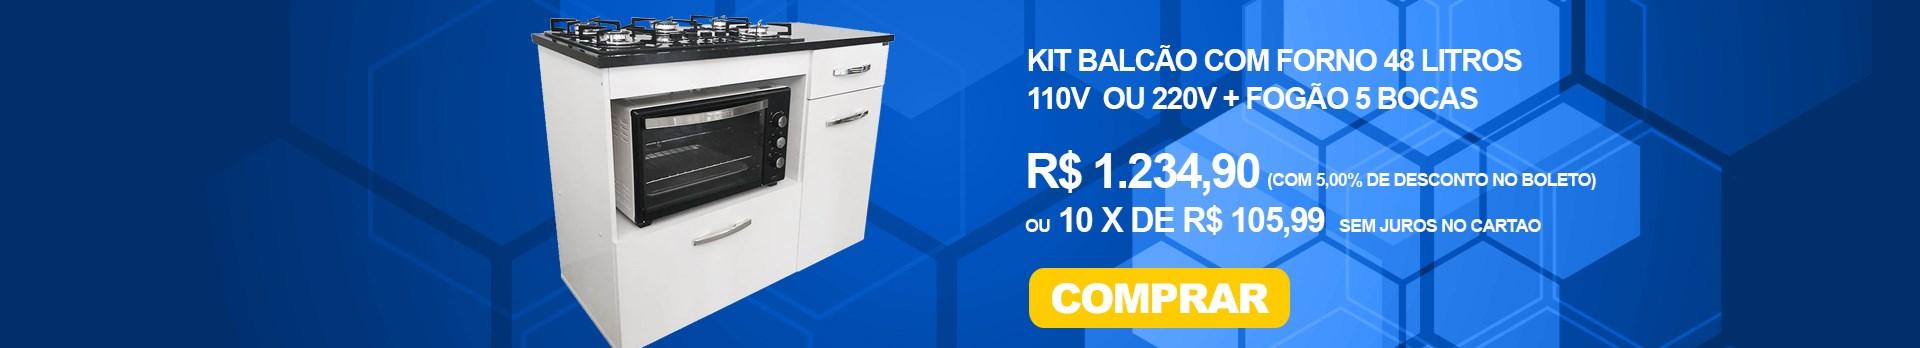 Kit Balcão Com Forno 48 Litros 110v e Fogão 5 Bocas